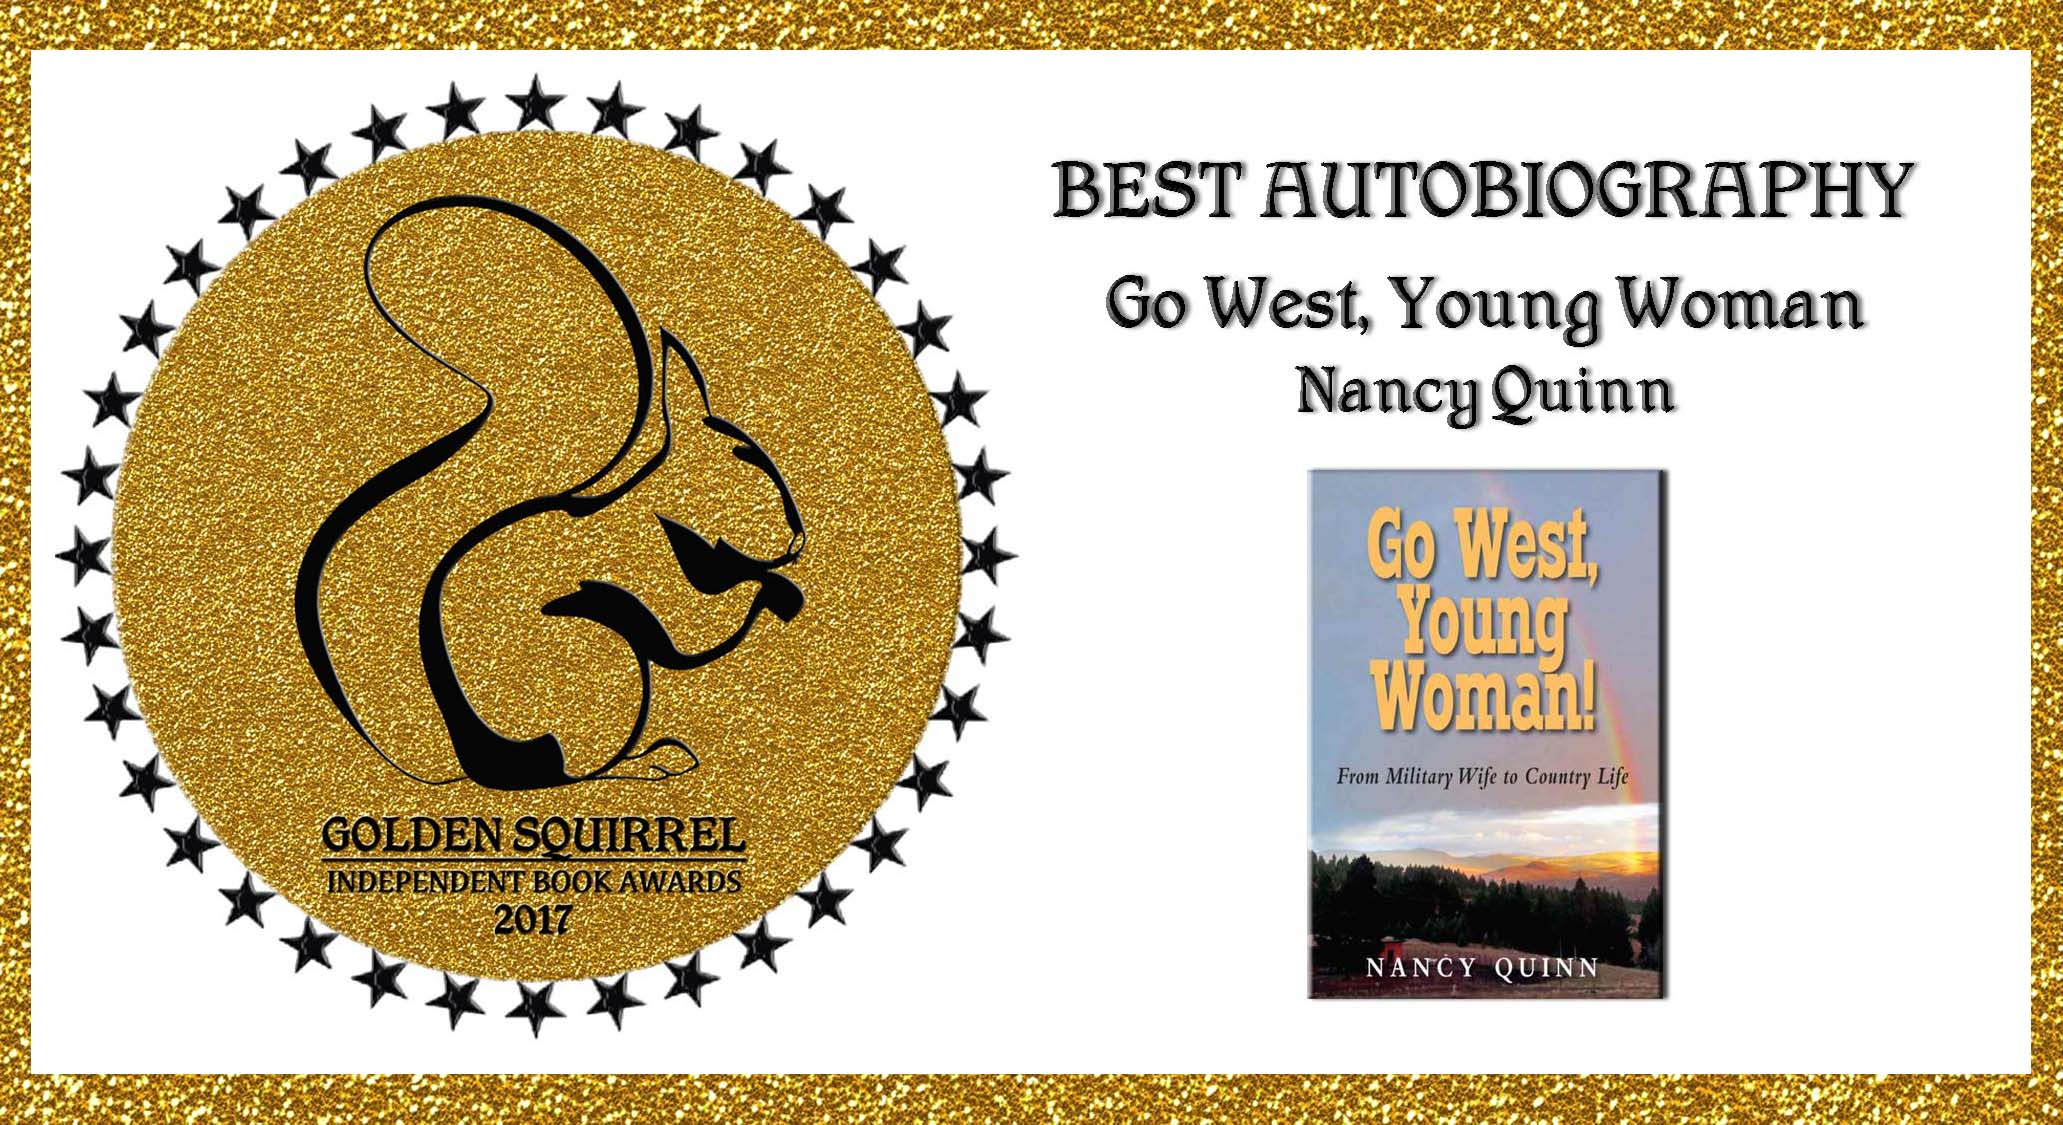 Golden Squirrel Best Autobiography